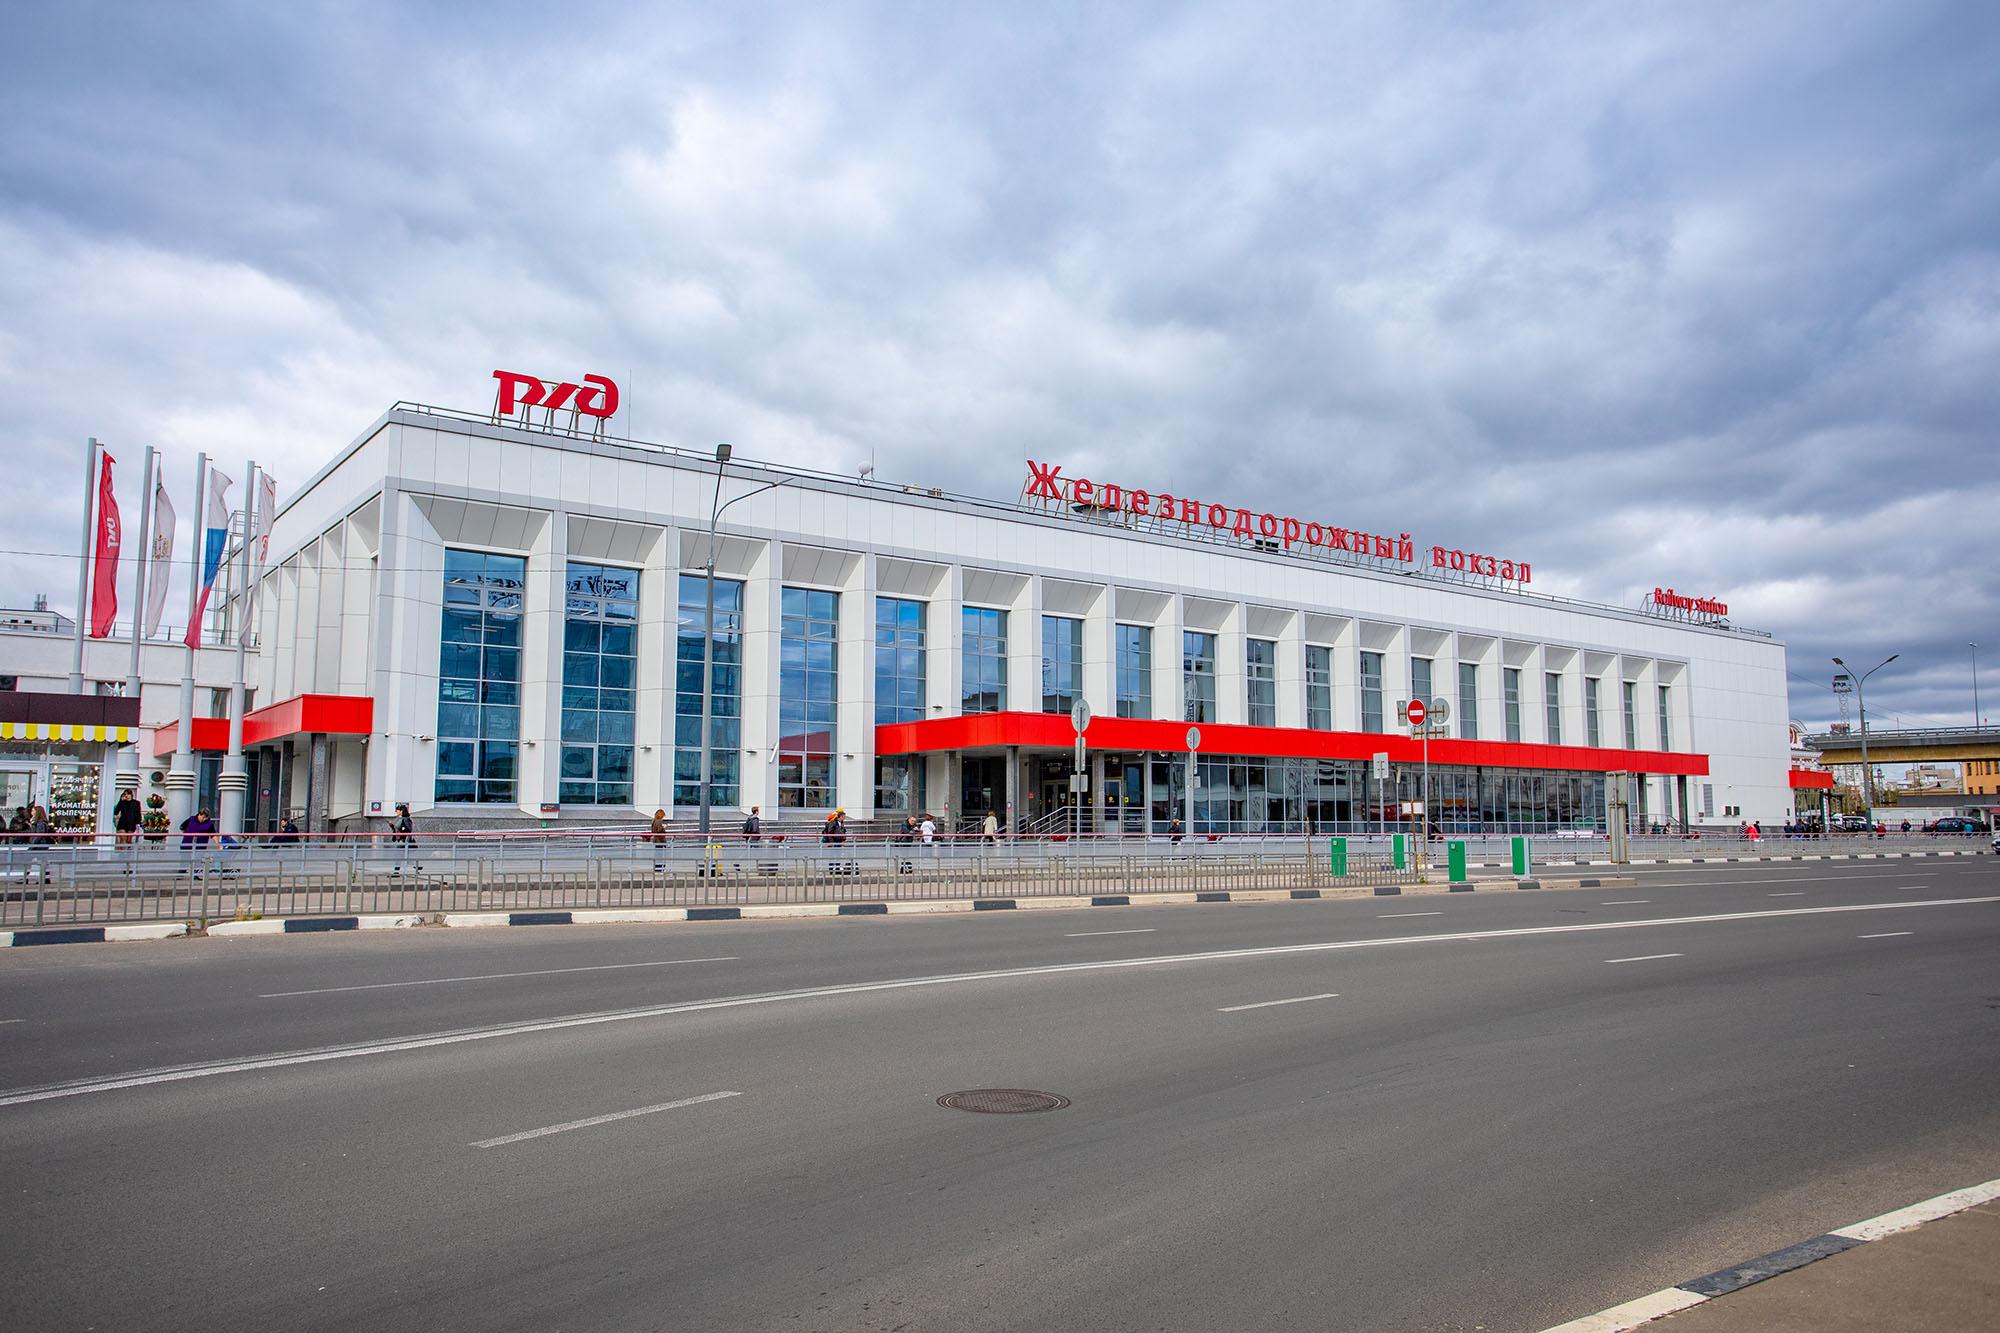 Экскурсионный электропоезд совершит рейс в Нижнем Новгороде 25 сентября